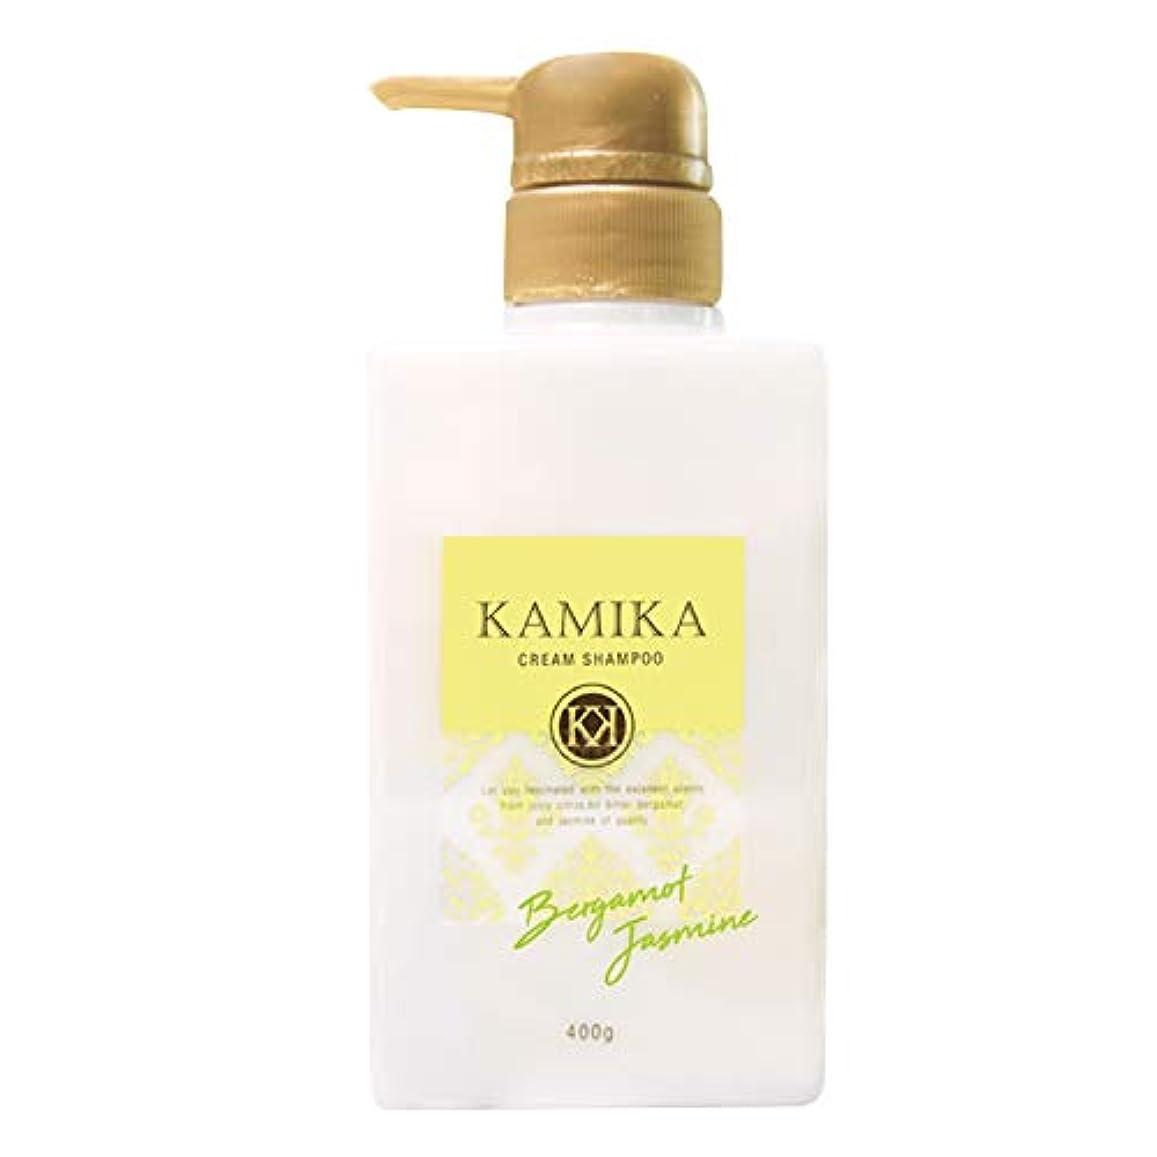 費用和ウッズ夏限定ベルガモットジャスミンの香り 黒髪クリームシャンプー KAMIKA(カミカ) 自然派オールインワンシャンプー 幹細胞配合 (1)